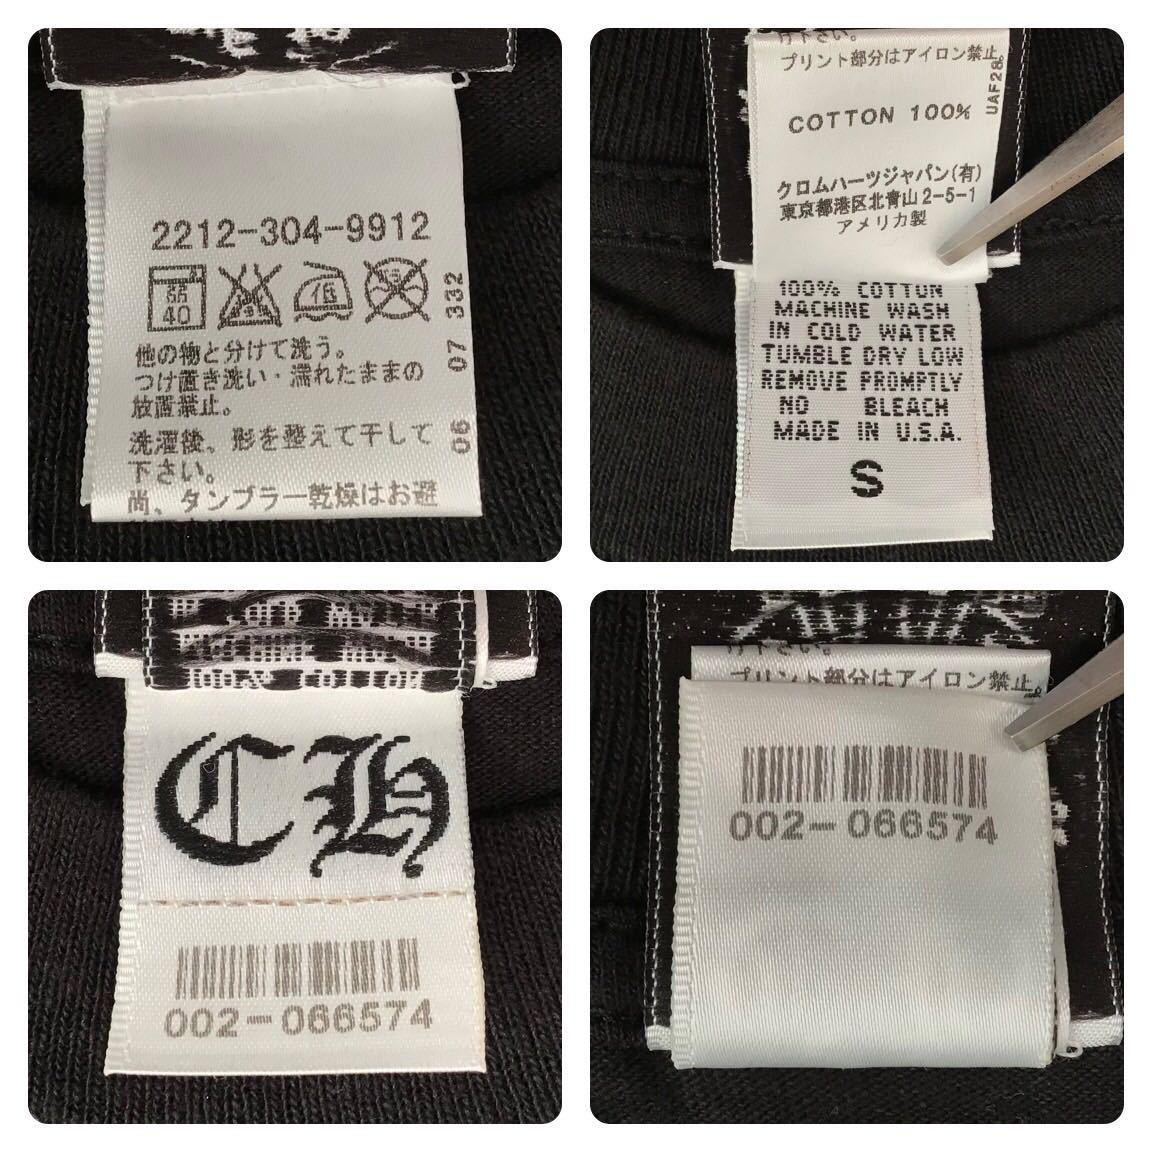 ★新品★ クロムハーツ × bape Tシャツ Sサイズ a bathing ape Chrome Hearts エイプ ベイプ アベイシングエイプ milo マイロ nigo n5d